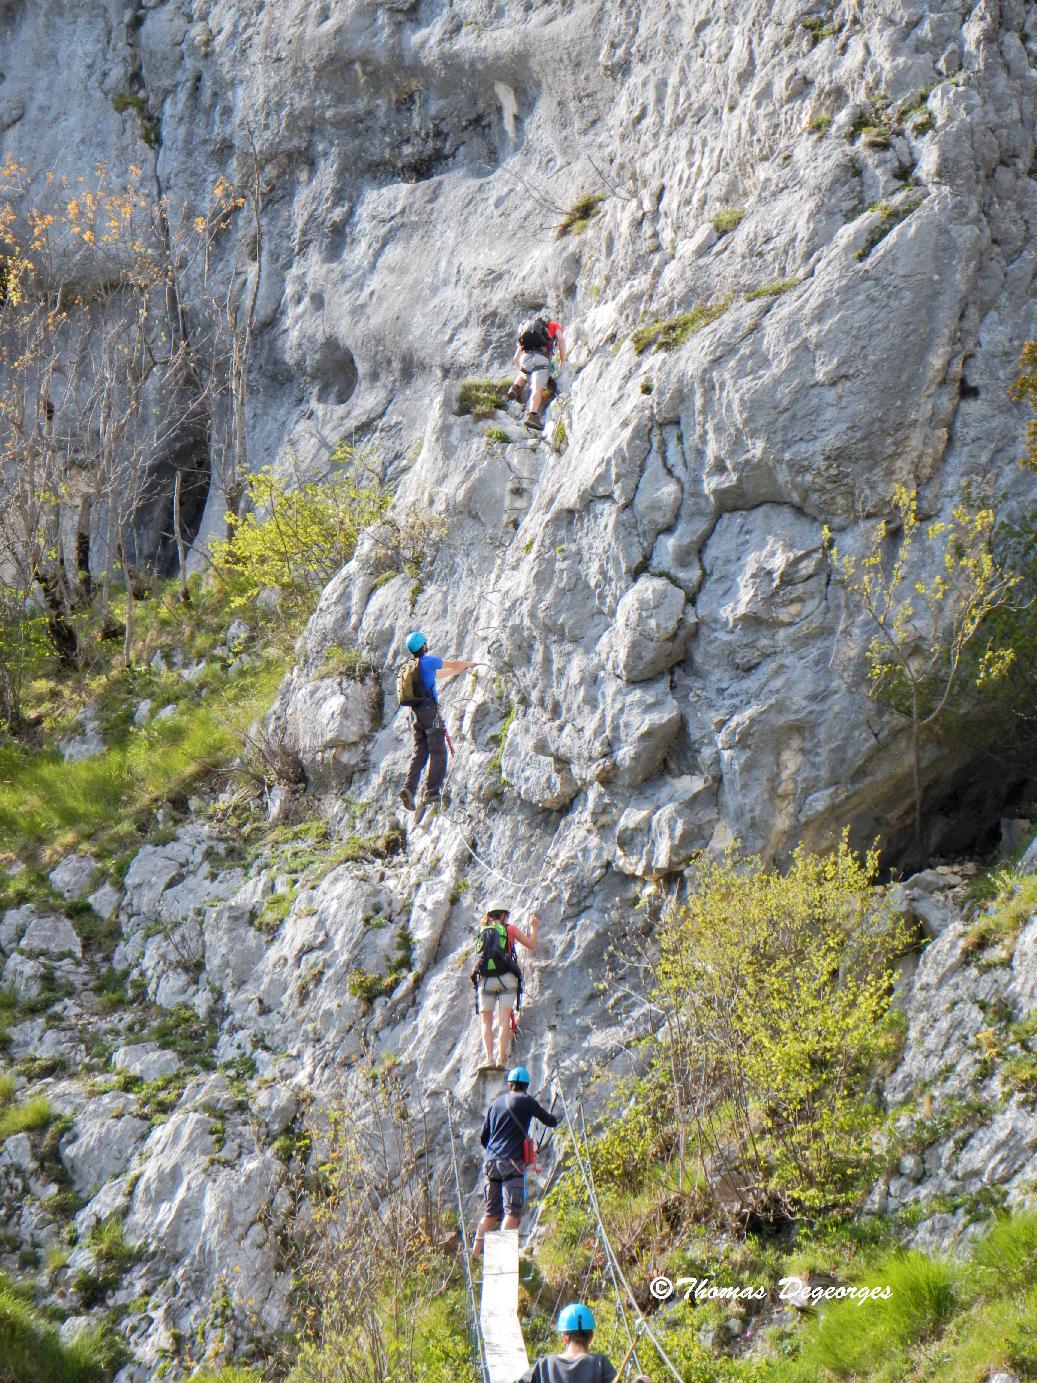 Via De Saint Pierre D'Entremont; Chartreuse (Savoie); Via-ferrata Avec Cap Oupakap Nature